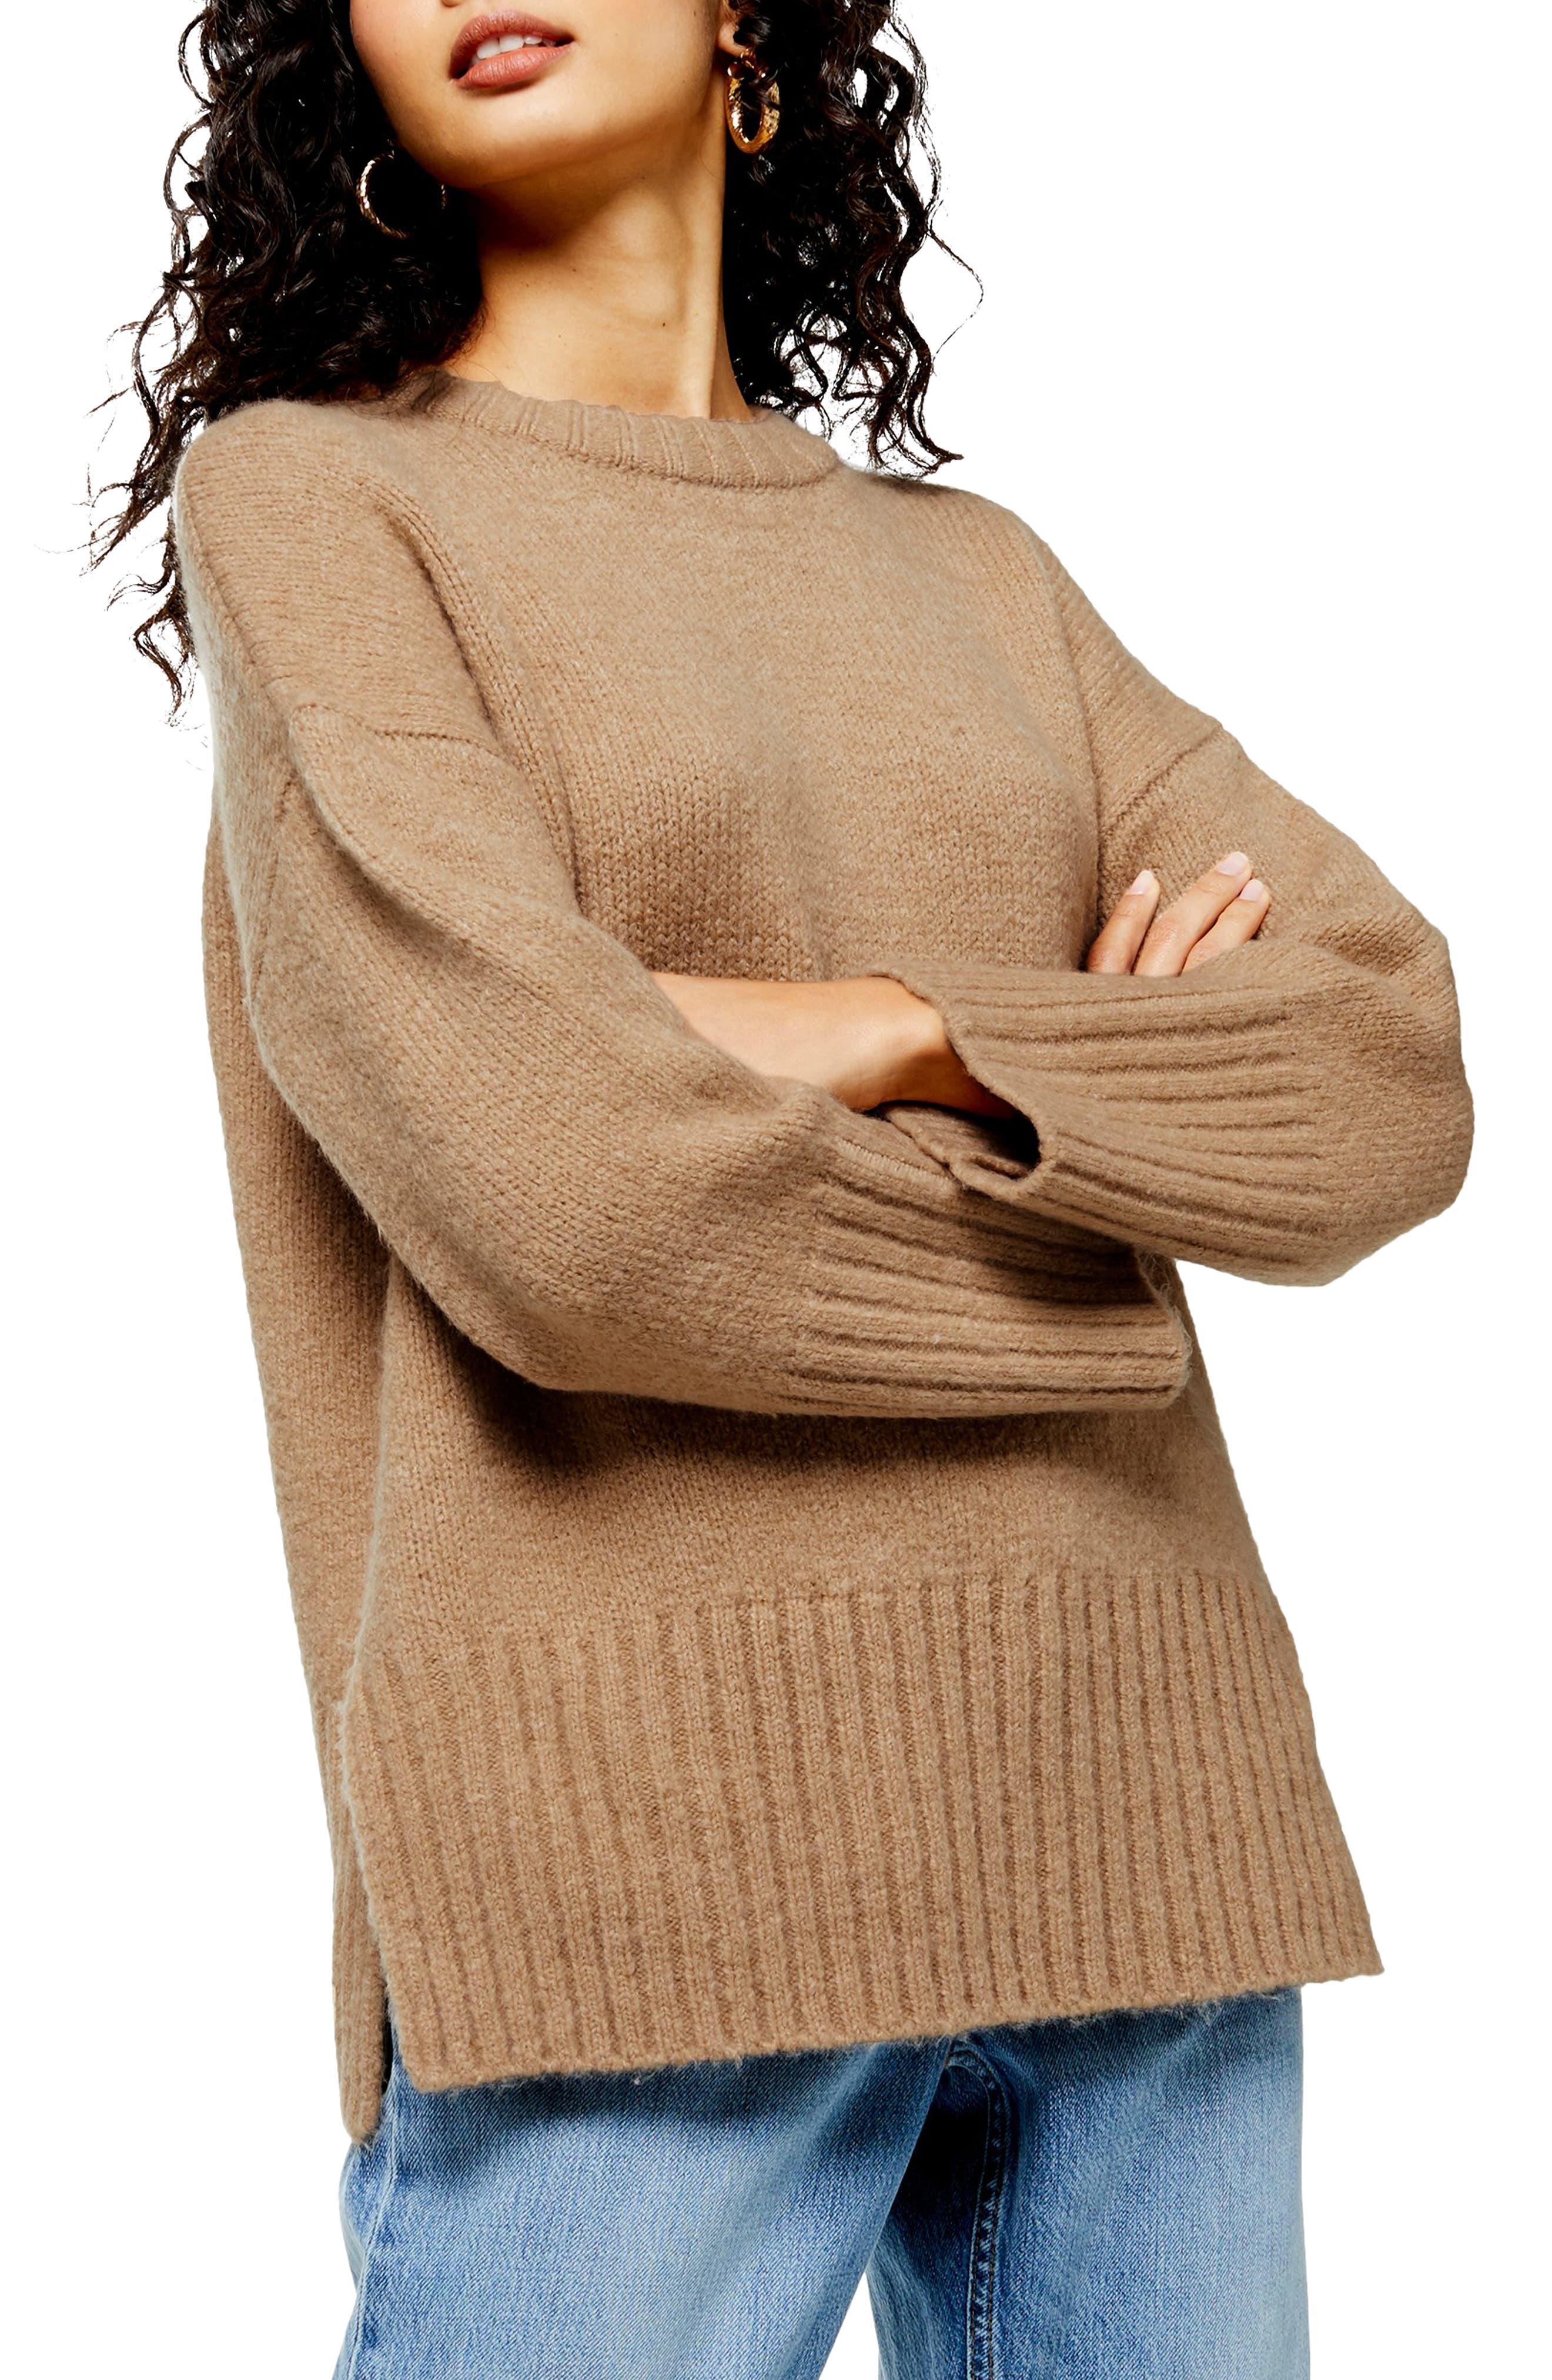 01870c6b822 Women's Topshop Sweaters | Nordstrom